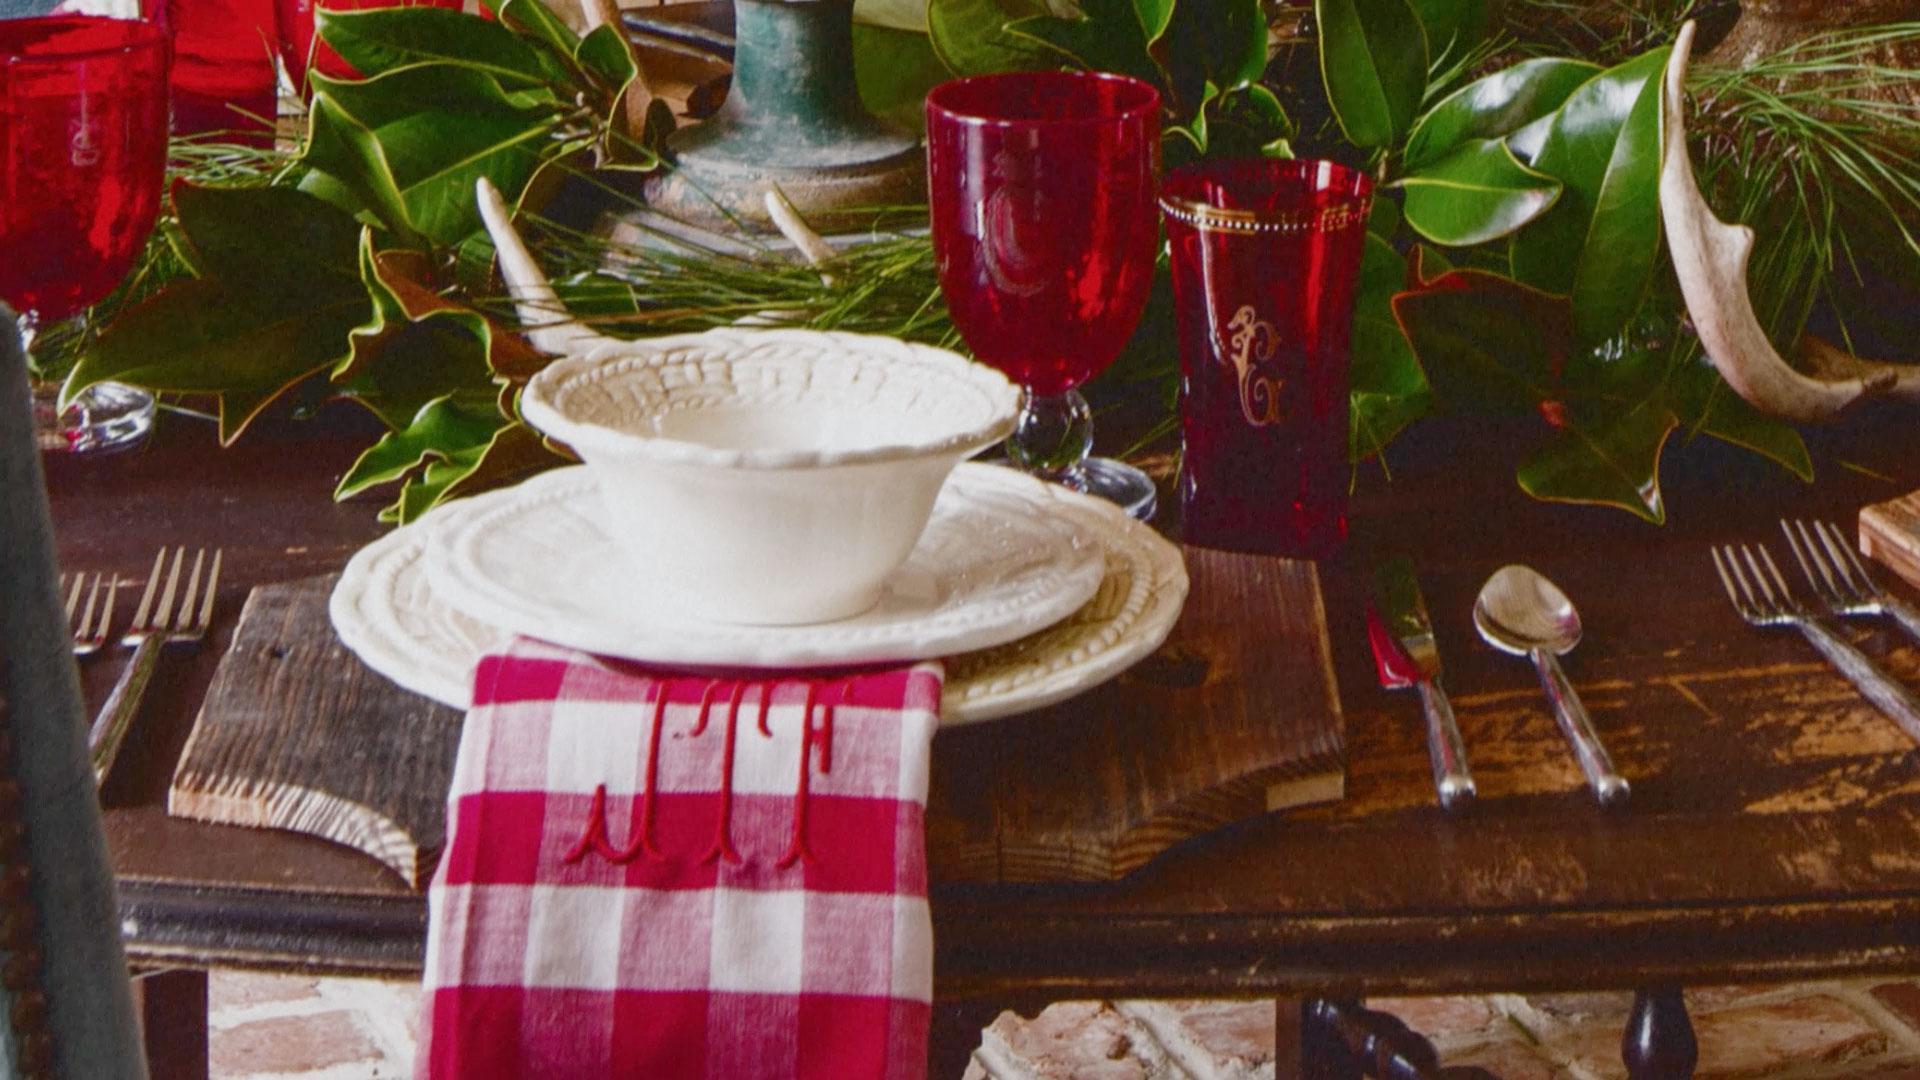 Setting a Christmas Table with James Farmer